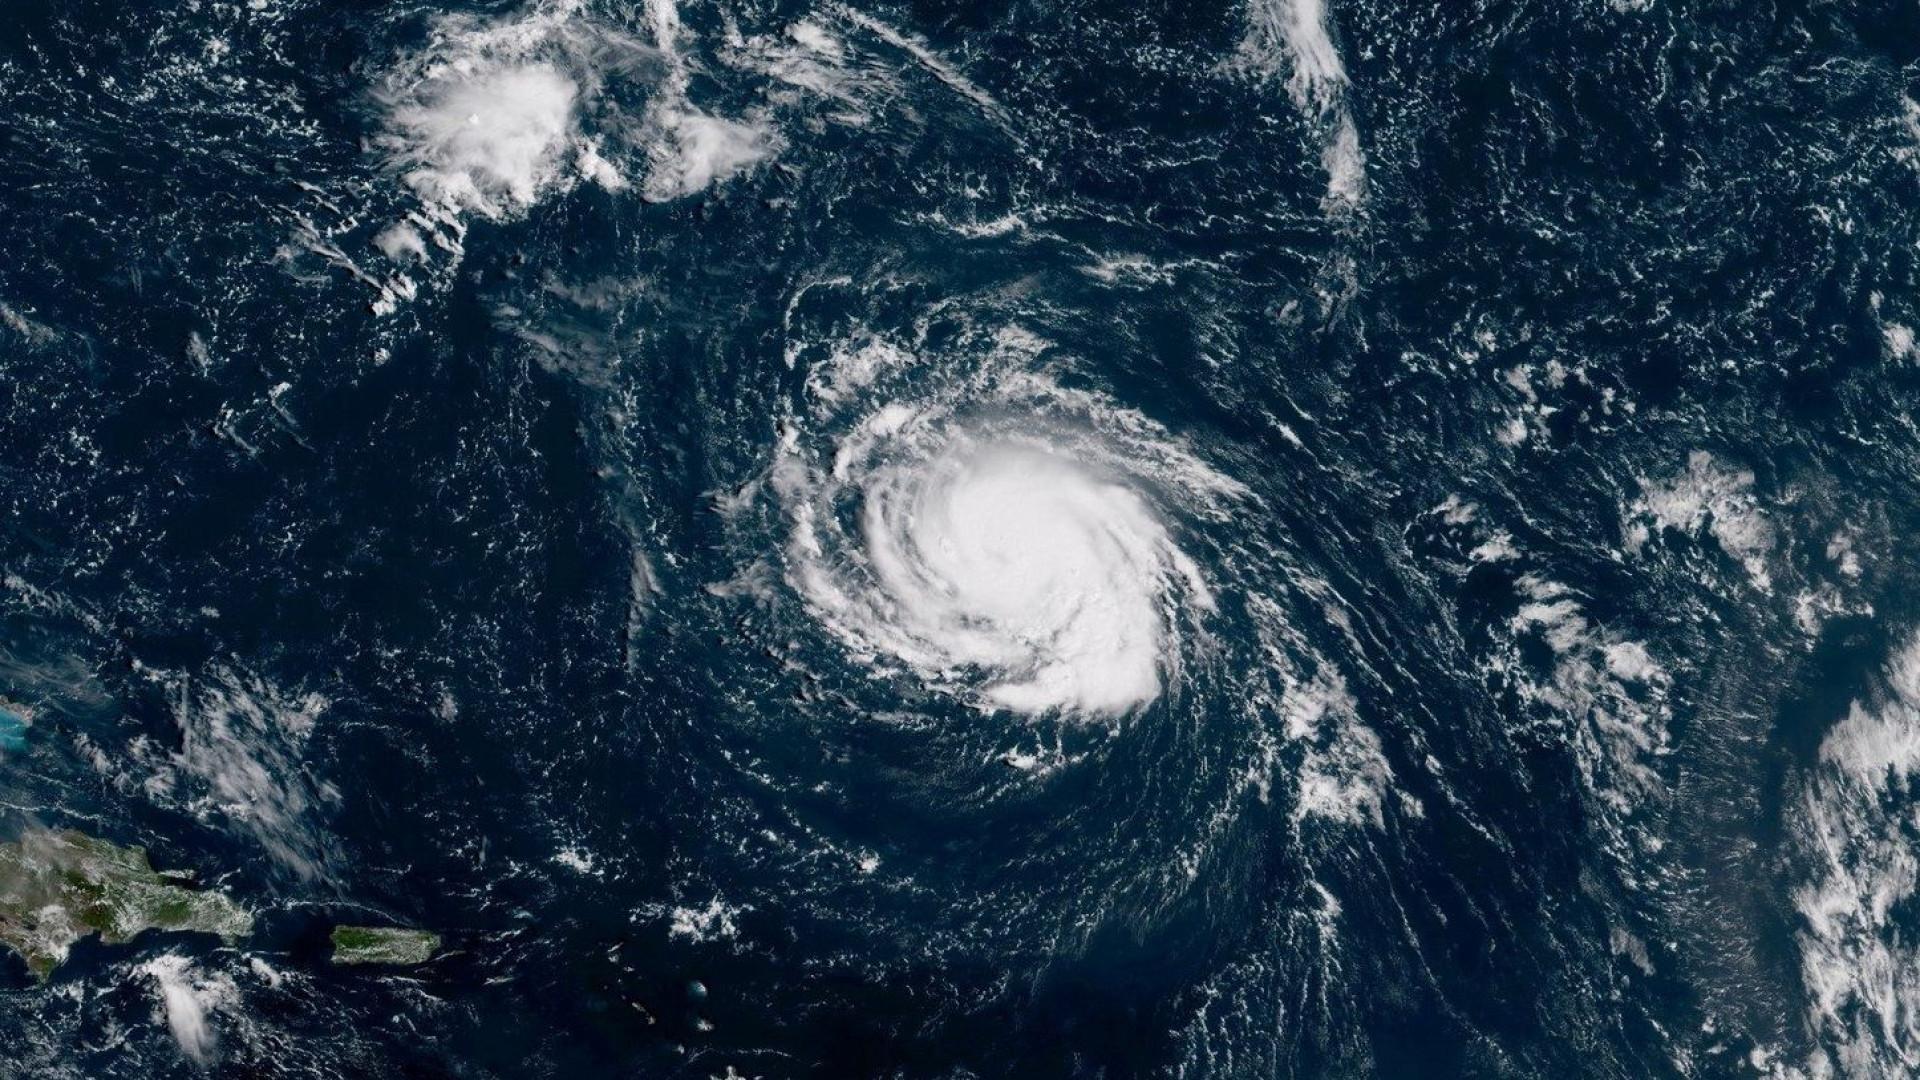 Furacão Florence atingiu a costa da Carolina do Norte